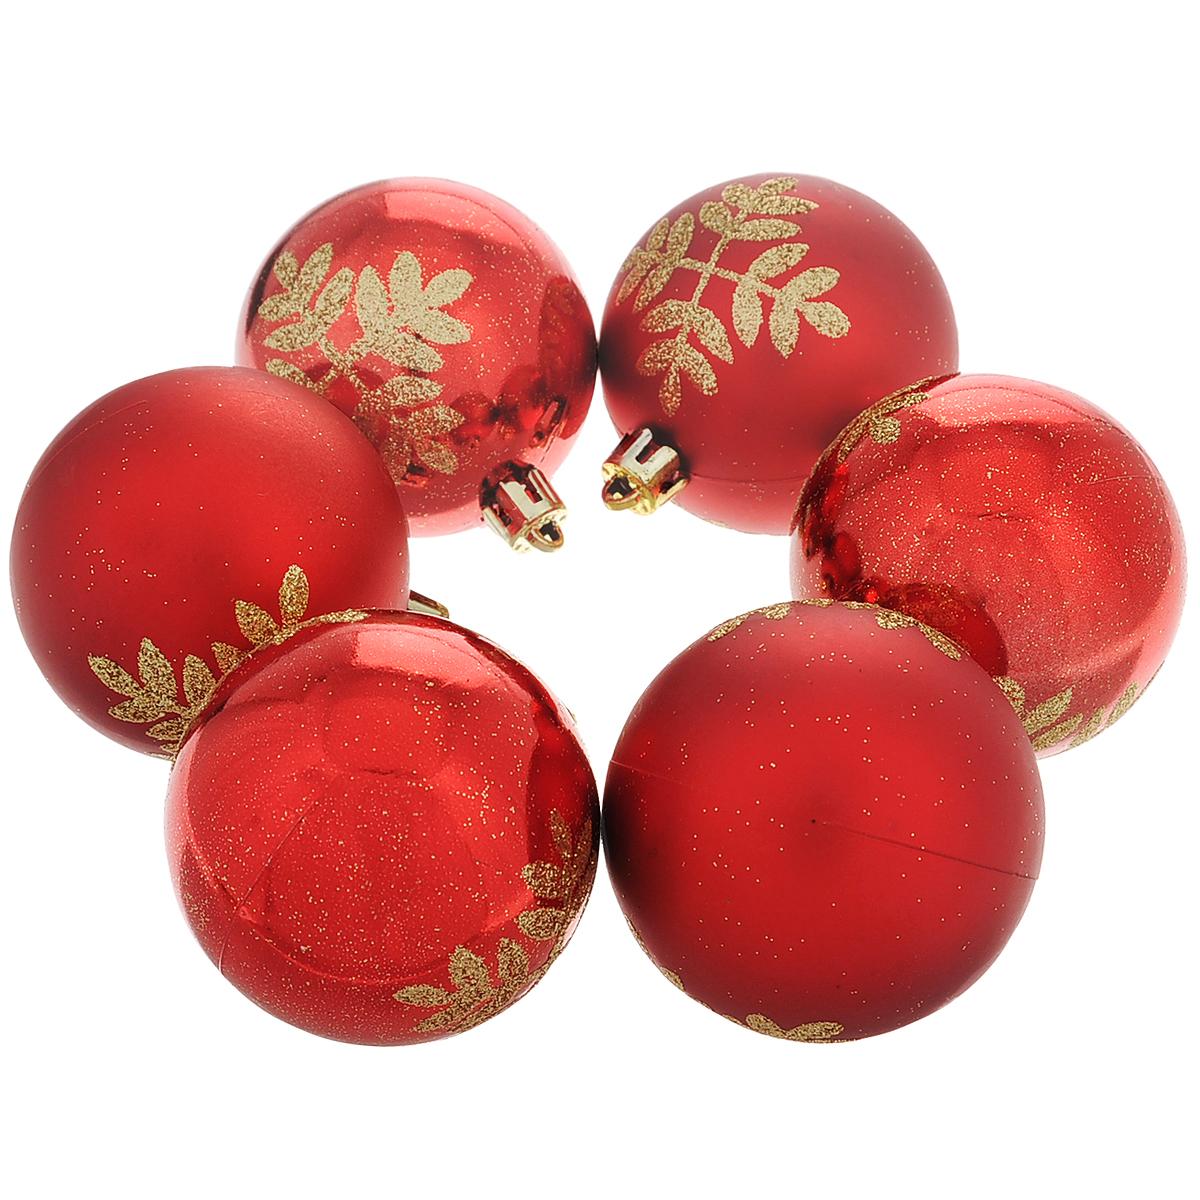 Набор новогодних подвесных украшений Шар, цвет: красный, золотистый, диаметр 6 см, 6 шт. 355081120297Набор новогодних подвесных украшений Шар прекрасно подойдет для праздничного декора новогодней ели. Состоит из шести шаров.Елочная игрушка - символ Нового года. Она несет в себе волшебство и красоту праздника. Создайте в своем доме атмосферу веселья и радости, украшая новогоднюю елку нарядными игрушками, которые будут из года в год накапливать теплоту воспоминаний. Коллекция декоративных украшений принесет в ваш дом ни с чем несравнимое ощущение волшебства! Откройте для себя удивительный мир сказок и грез. Почувствуйте волшебные минуты ожидания праздника, создайте новогоднее настроение вашим дорогим и близким.